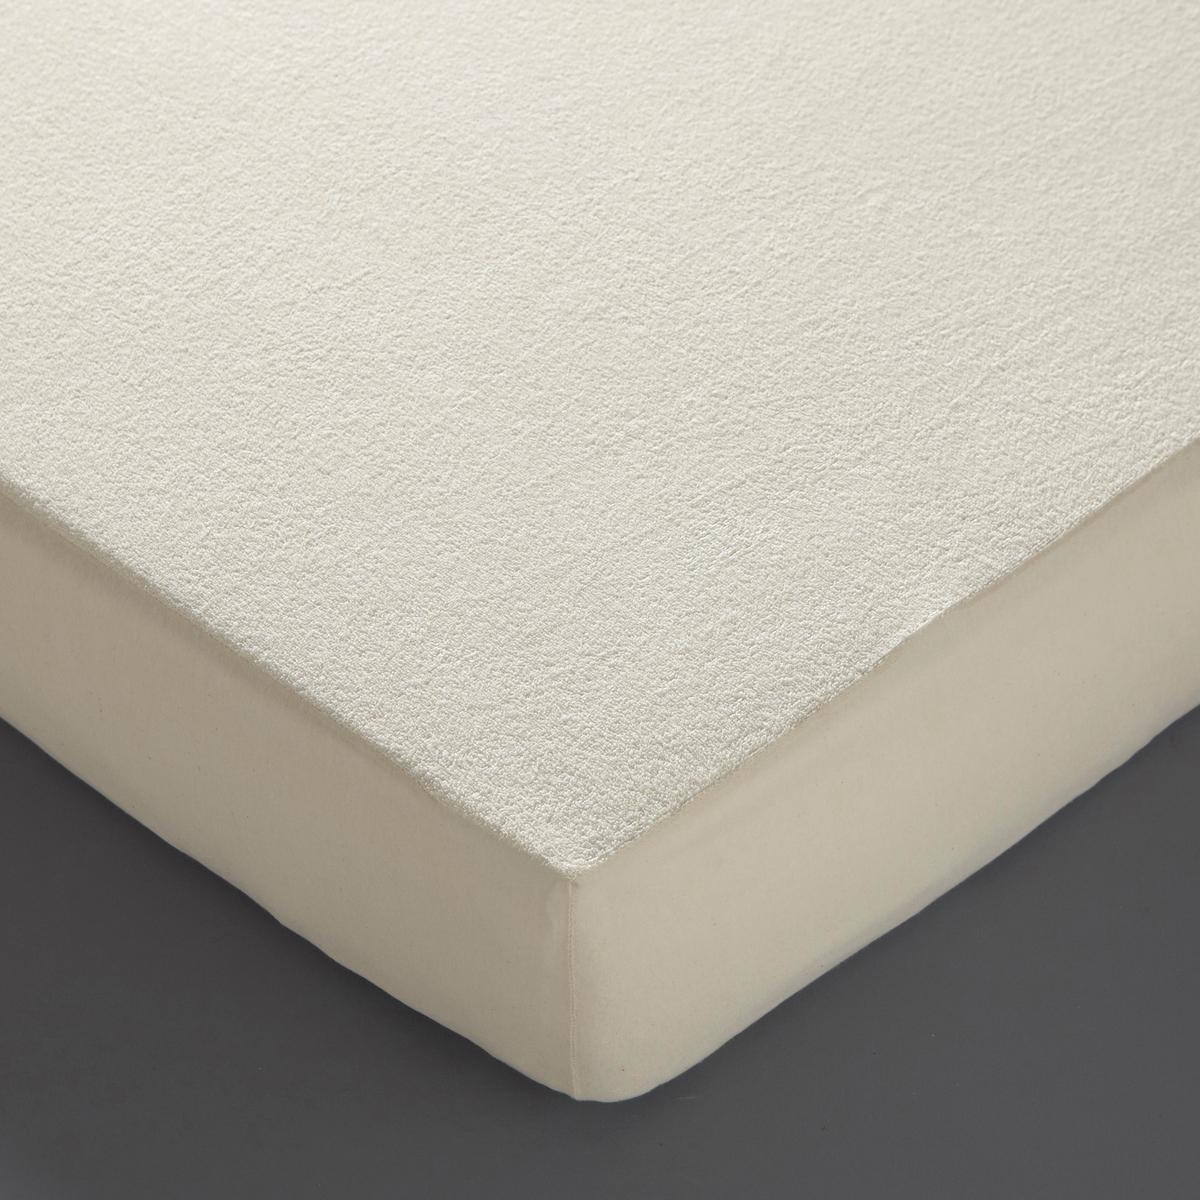 Чехол защитный для матраса из махровой ткани BioМахровая ткань из биохлопка.Характеристики :- Чехол-простыня из махровой ткани 78% хлопка, 22% полиэстера (лямки 100% хлопок) сверху- Дышащая полиуретановая пленка снизу- Клапаны: джерси 100% хлопок, очень эластичный- 80 г/м2- Высота 27 см- На резинках по всему периметру, 4 натяжных уголка.<br><br>Цвет: экрю<br>Размер: 160 x 200 см